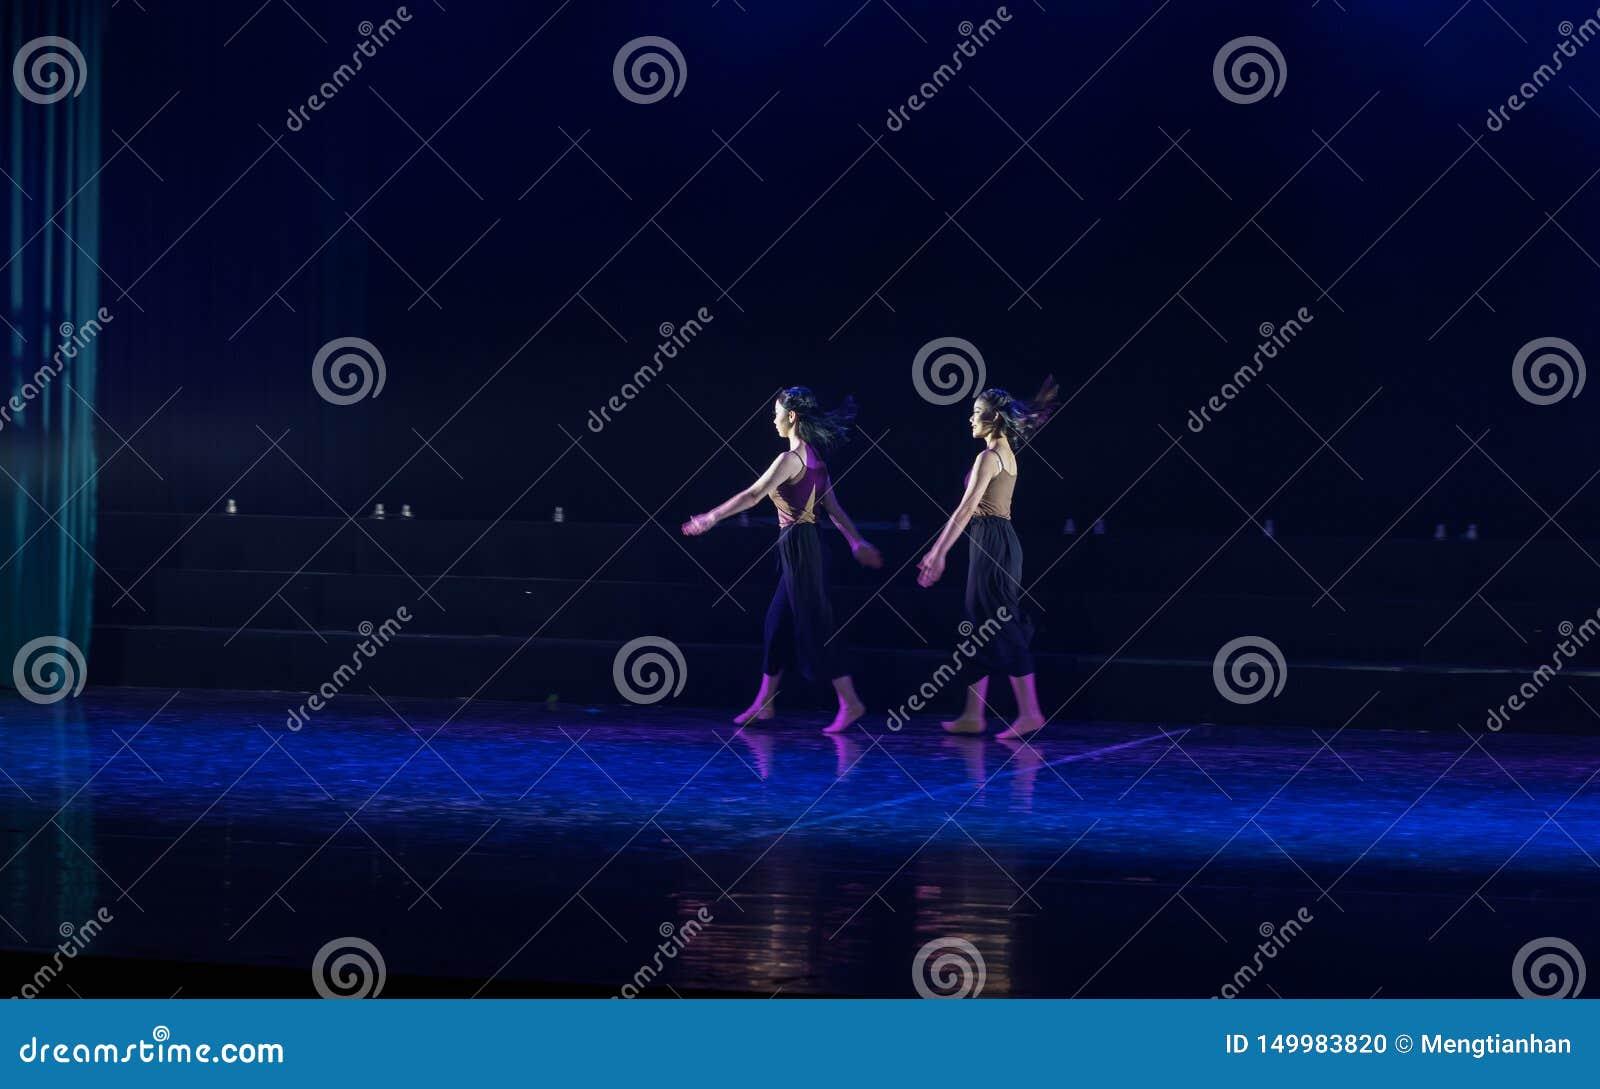 追随者--舞蹈戏曲驴得到水